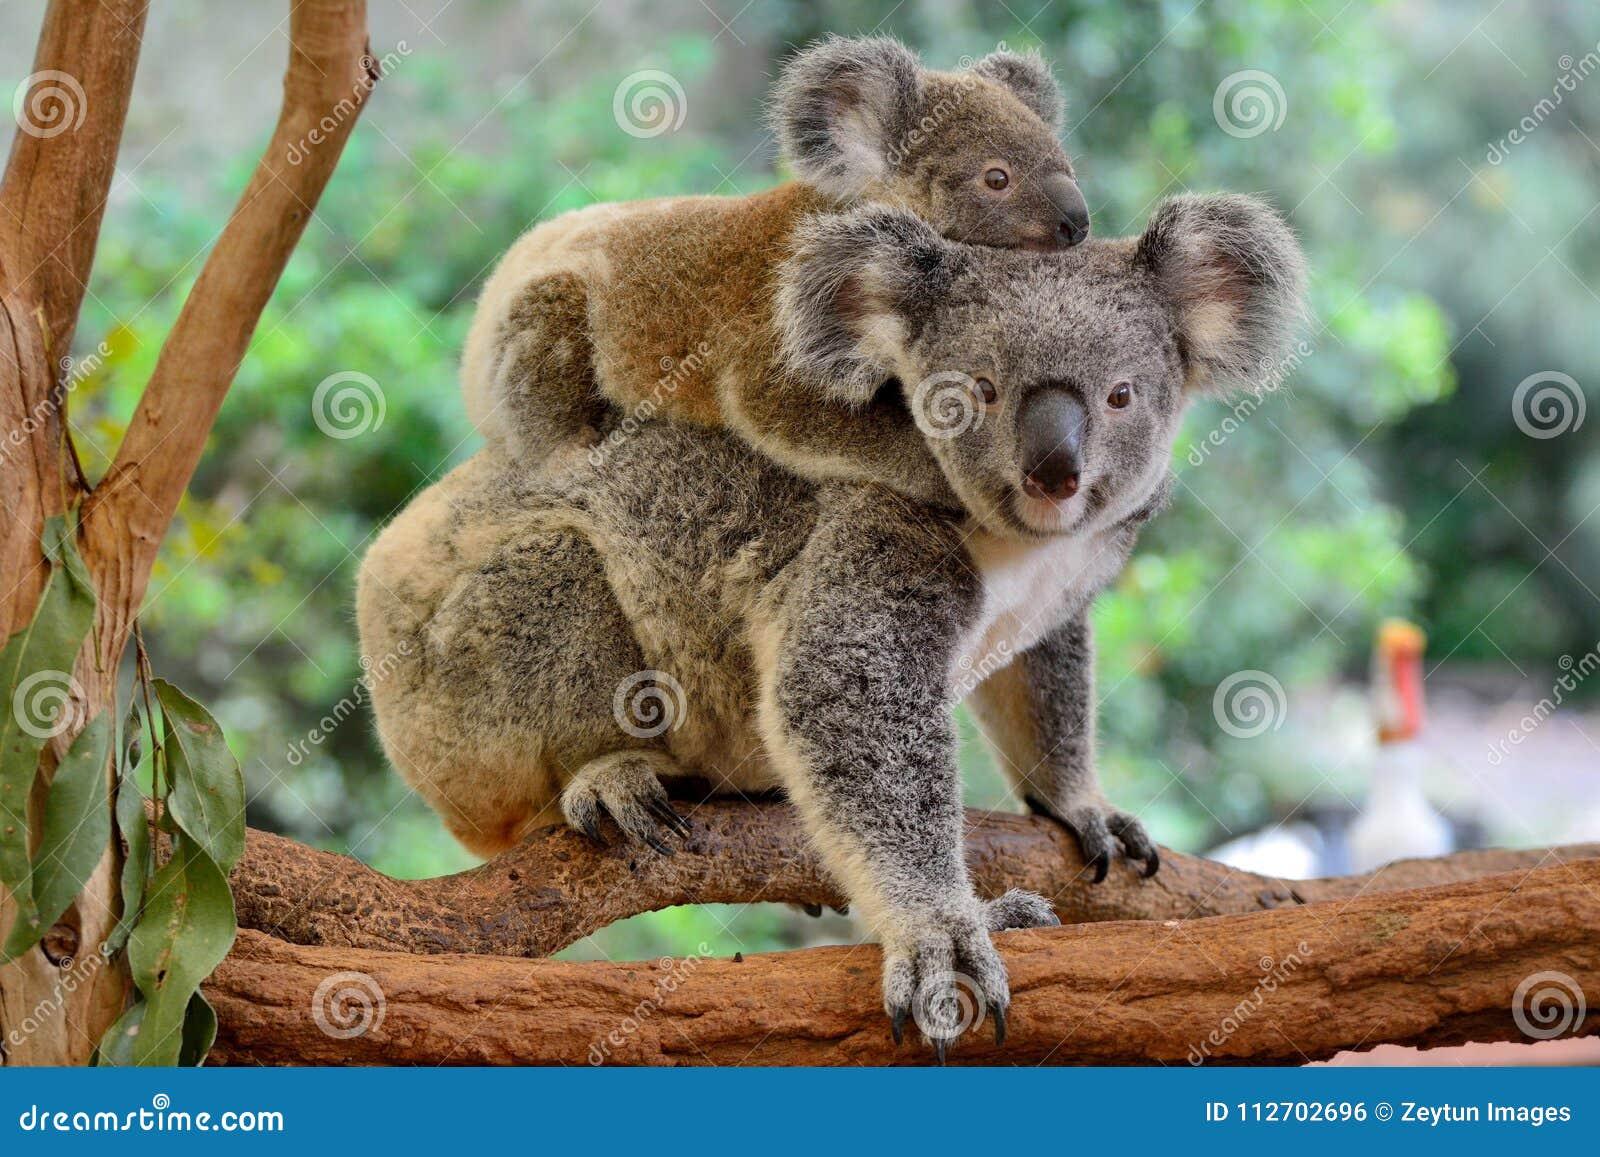 Koala de la madre con el bebé en ella detrás